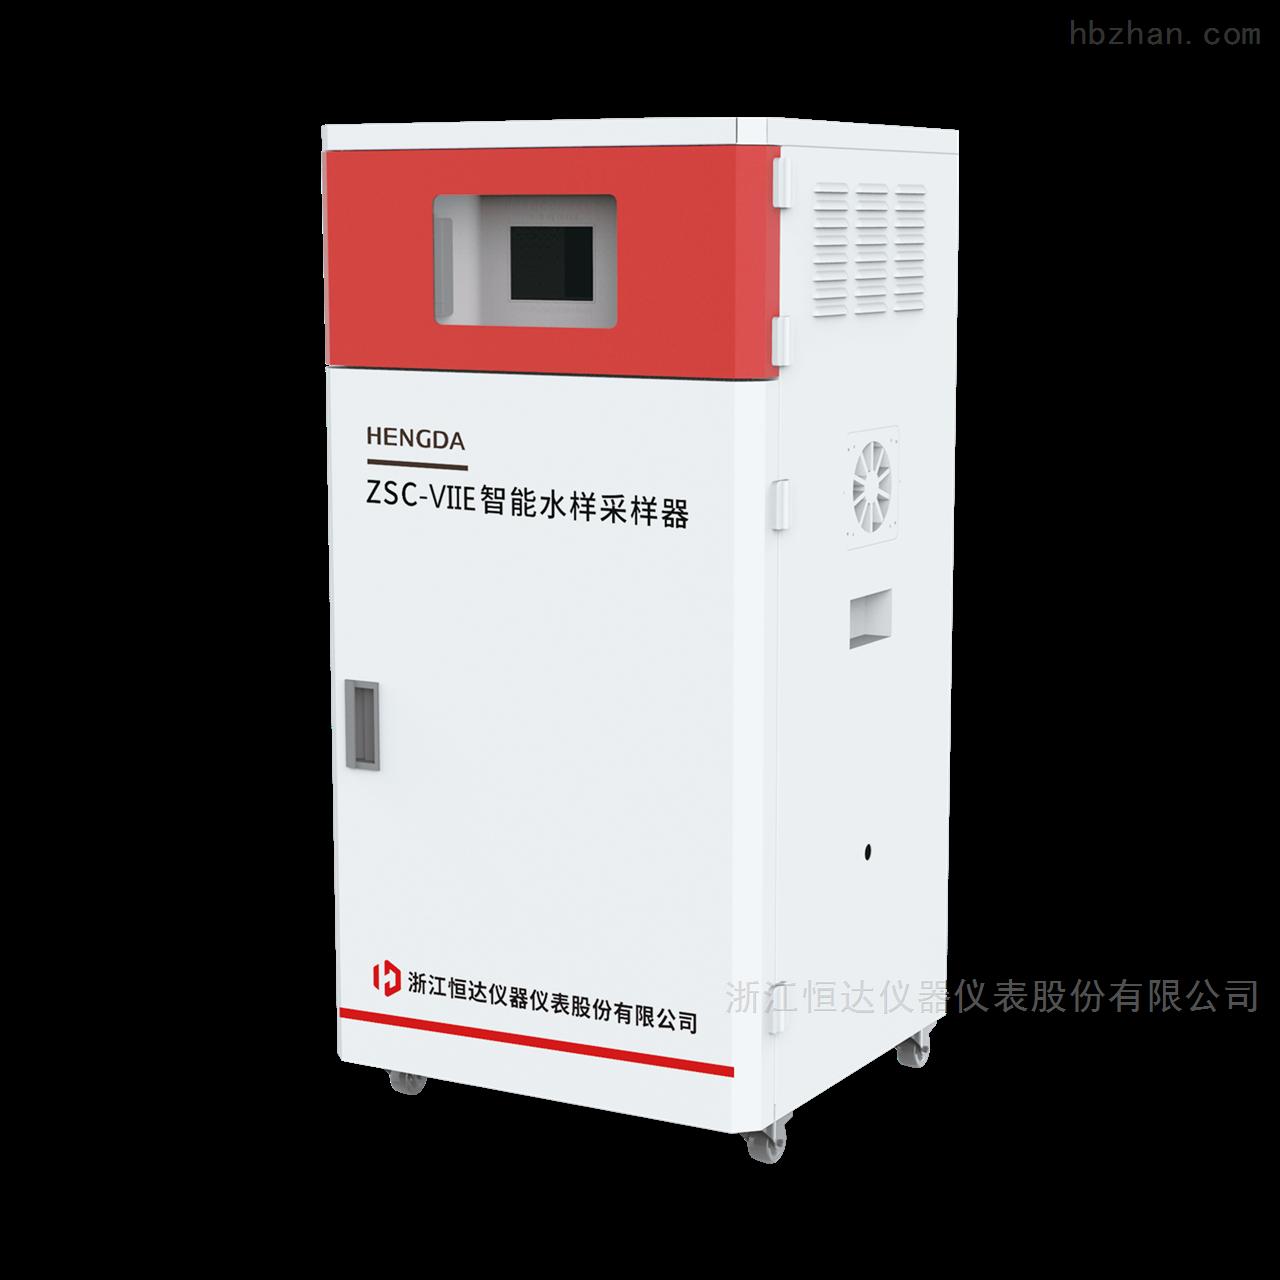 ZSC-VIIE Pro智能水质采样器